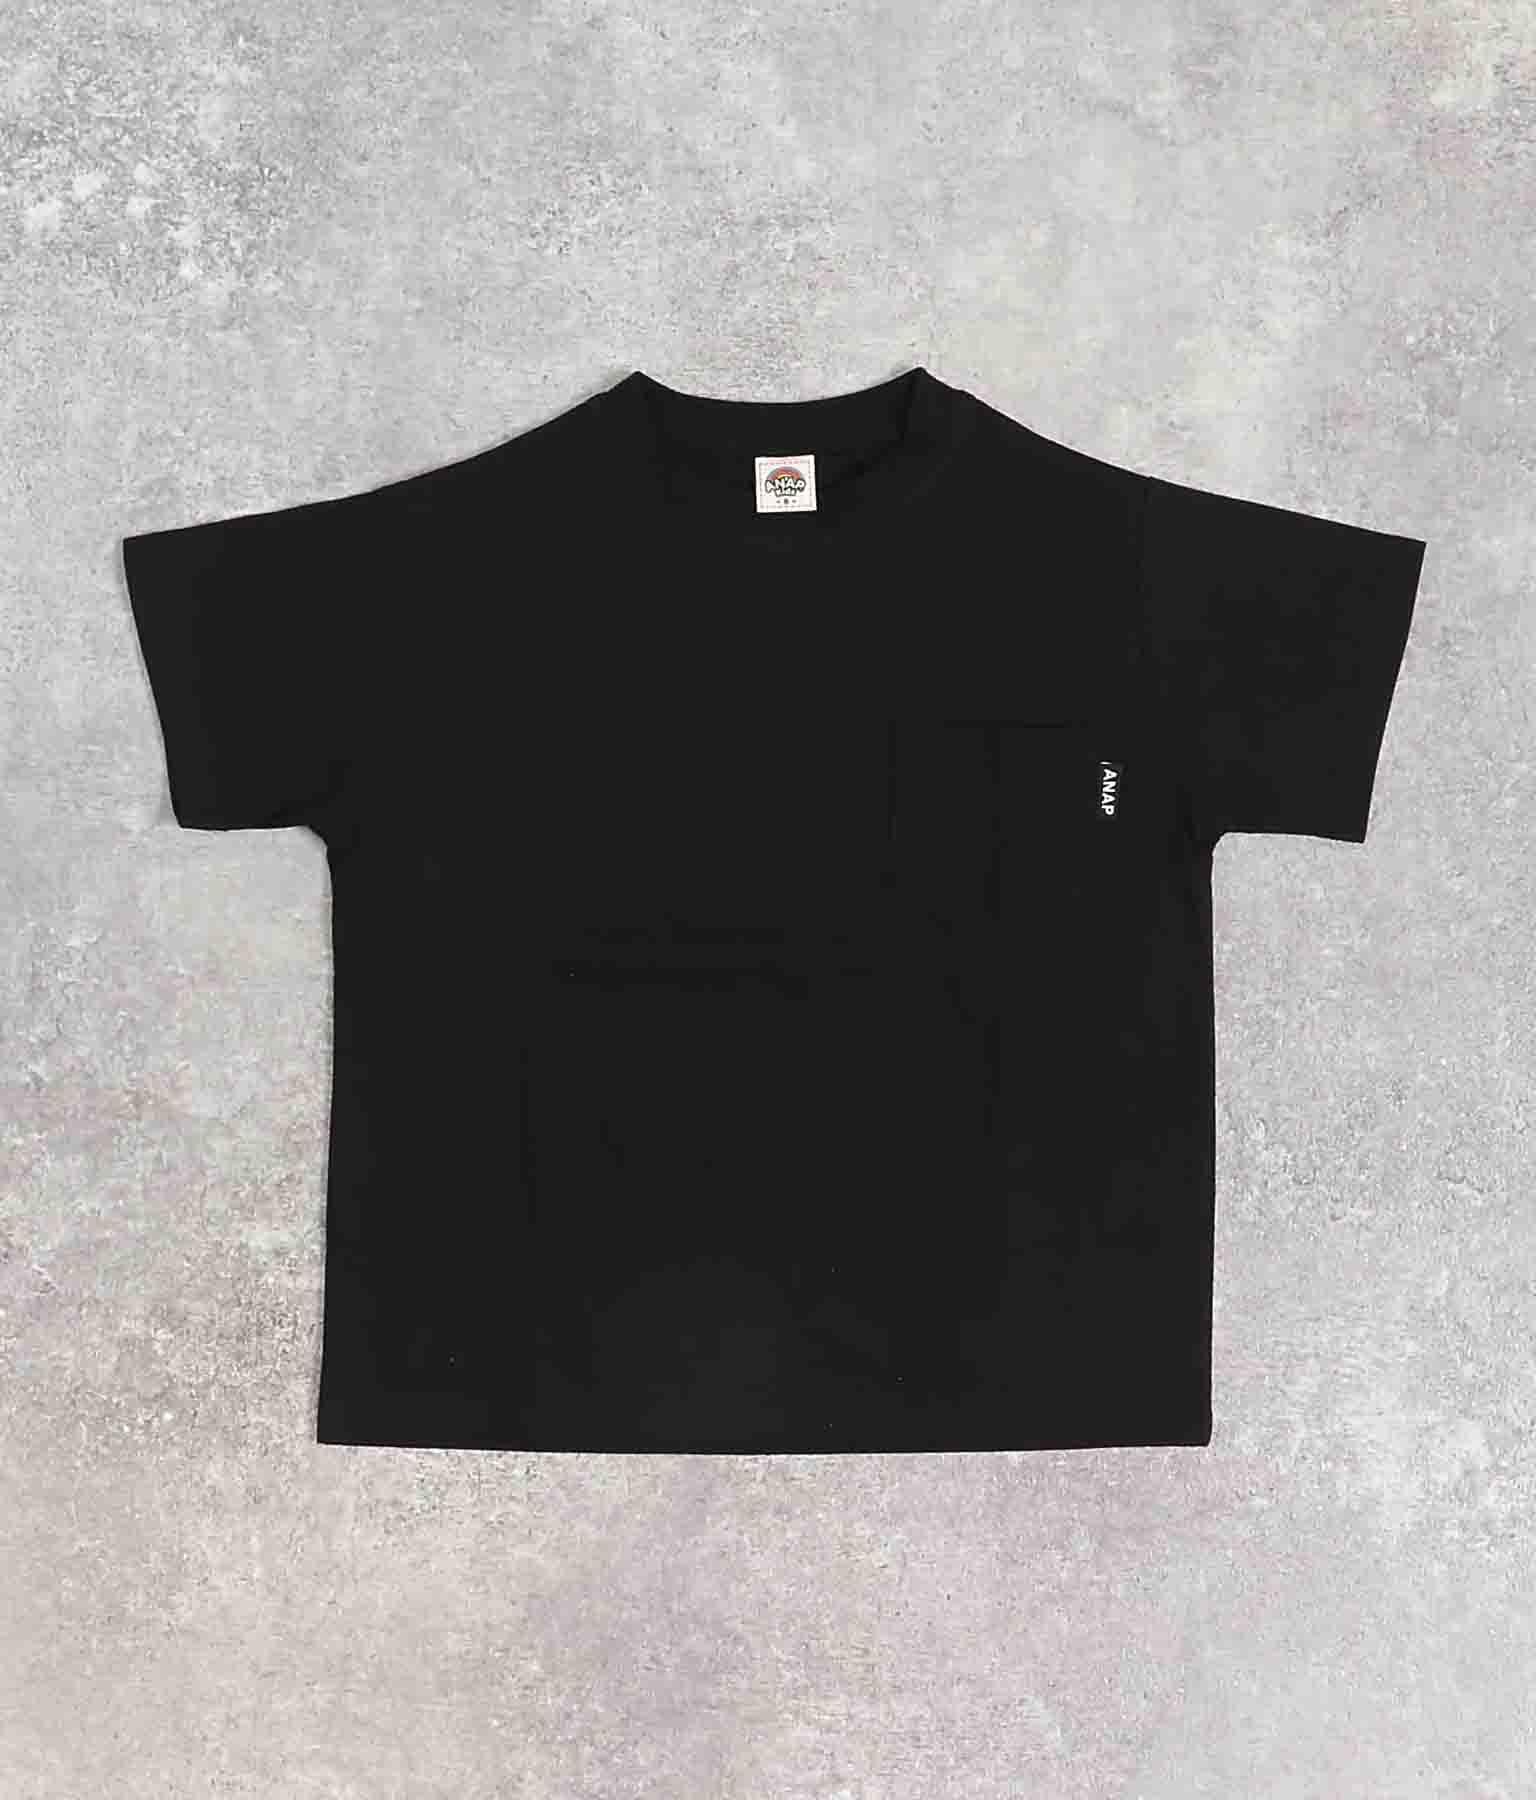 バックプリントデザインチュニック(トップス/Tシャツ・チュニック) | ANAP KIDS